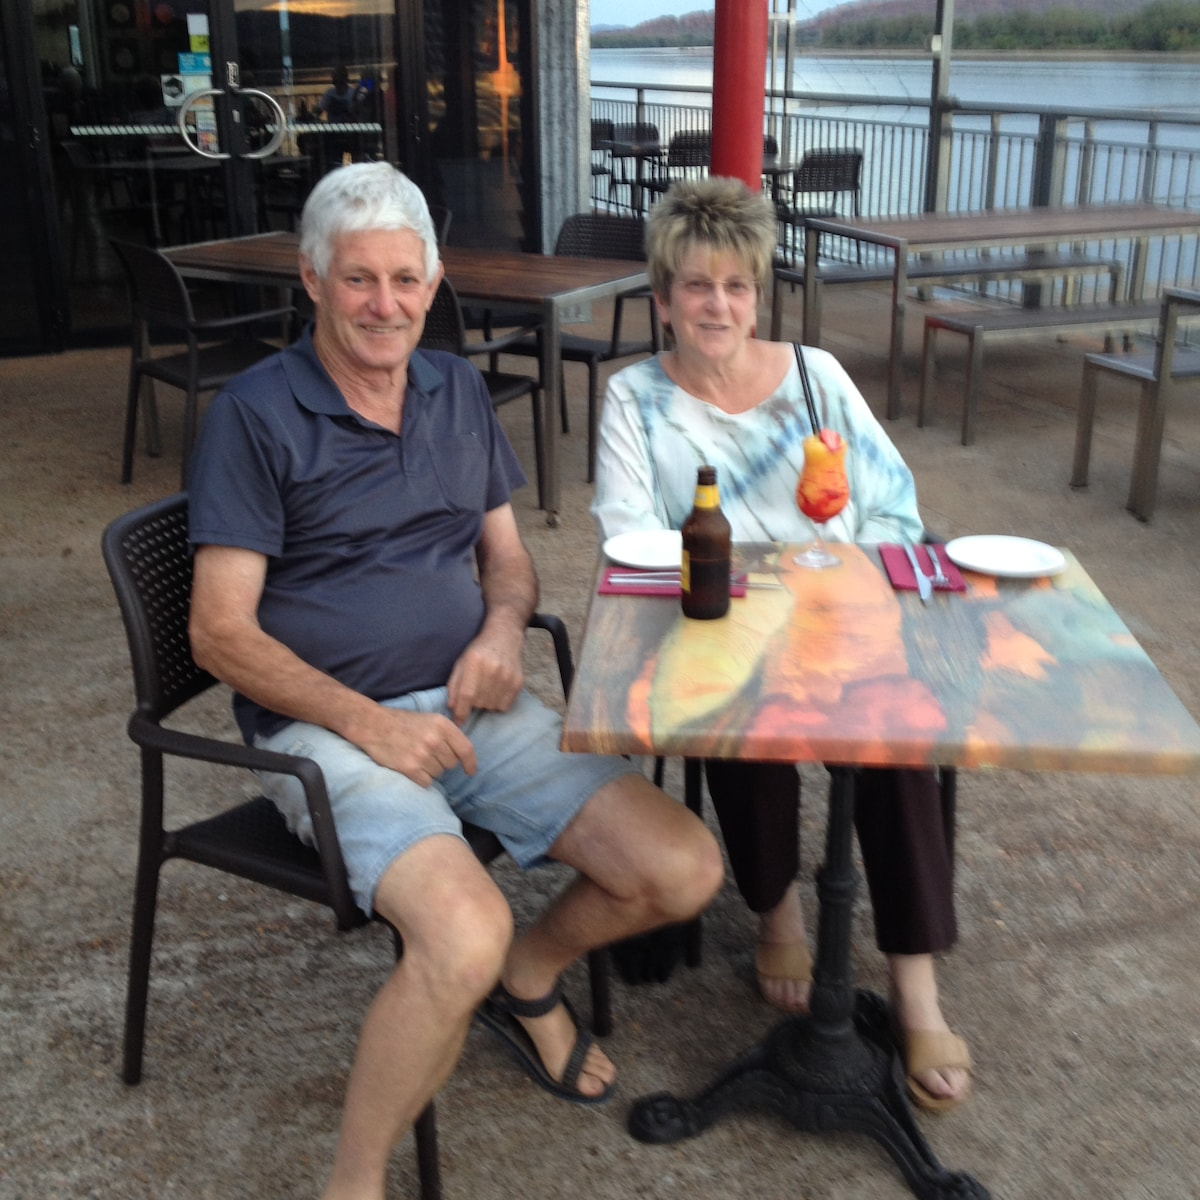 Helen from Healesville